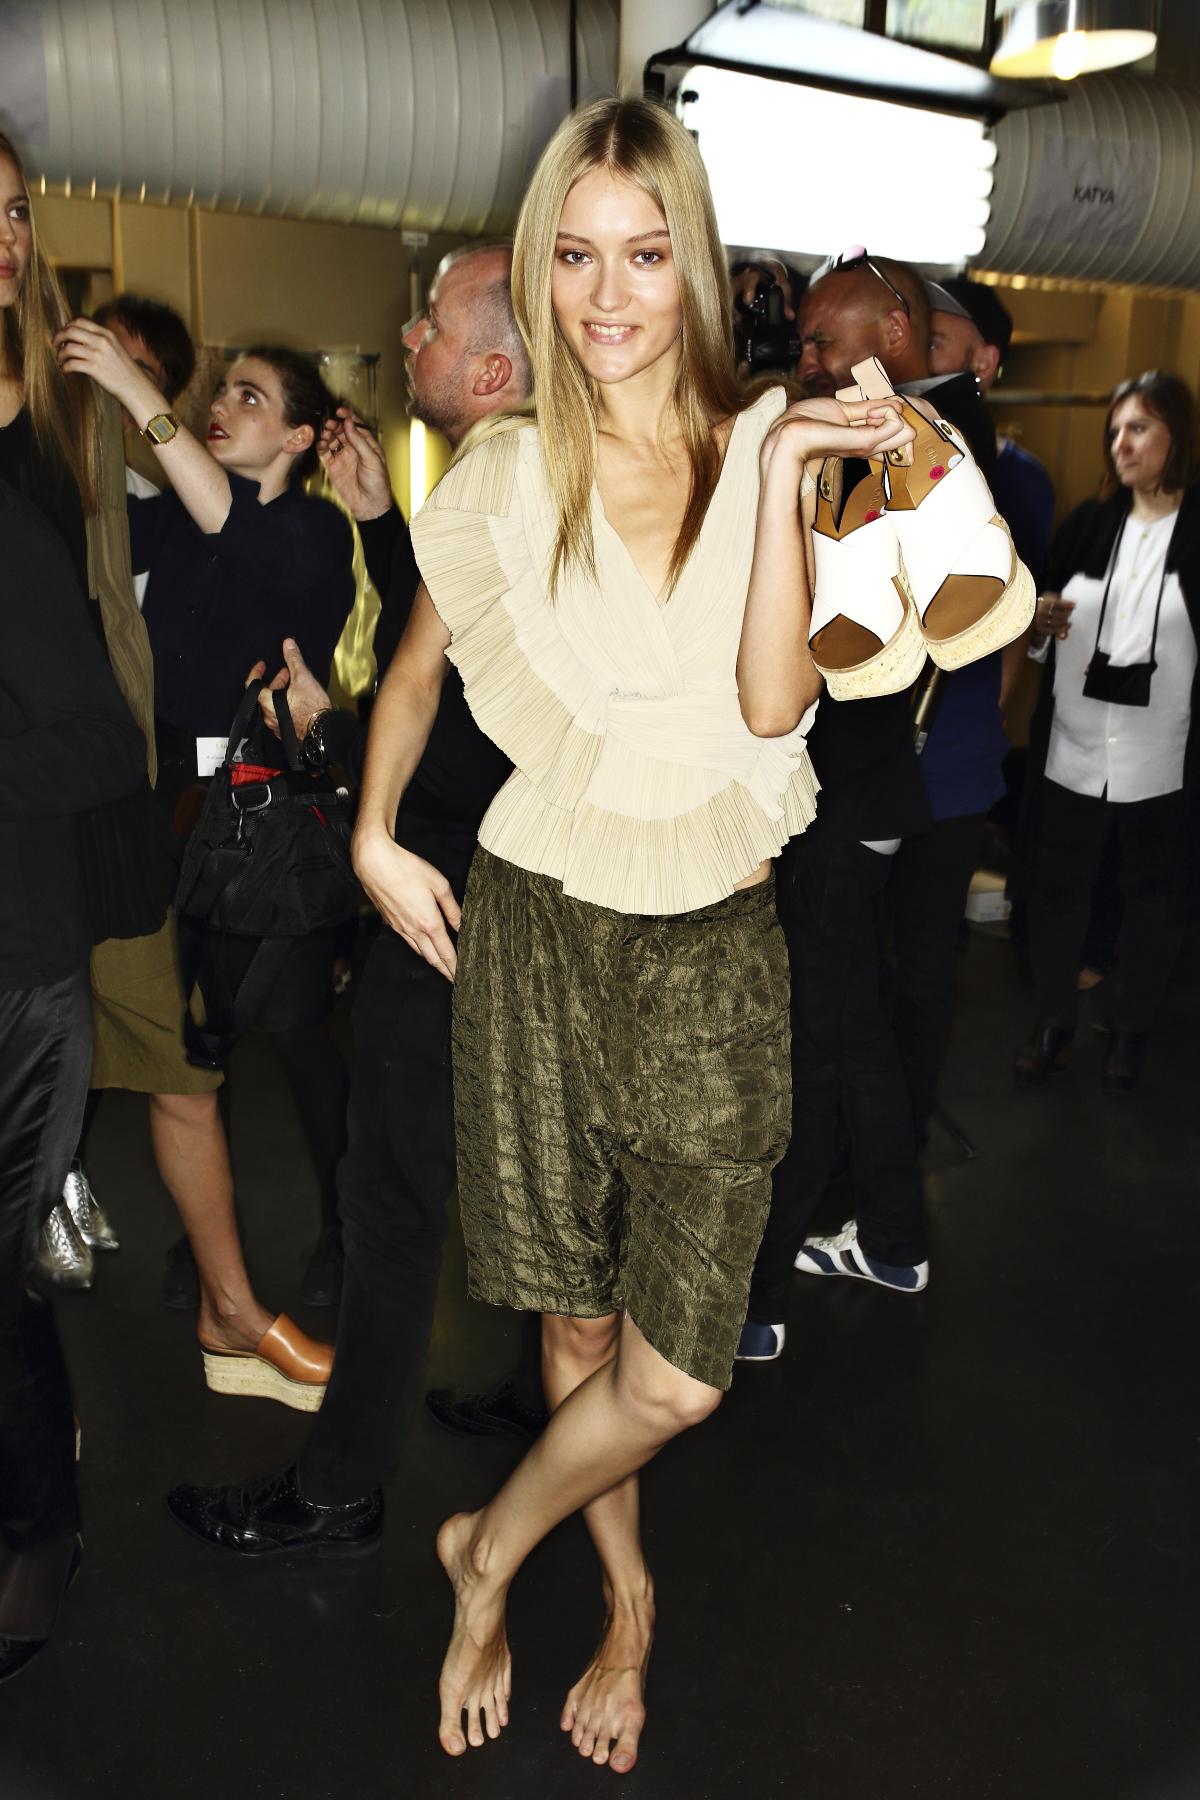 Chloe SS14 Fashion Show Paris Backstage